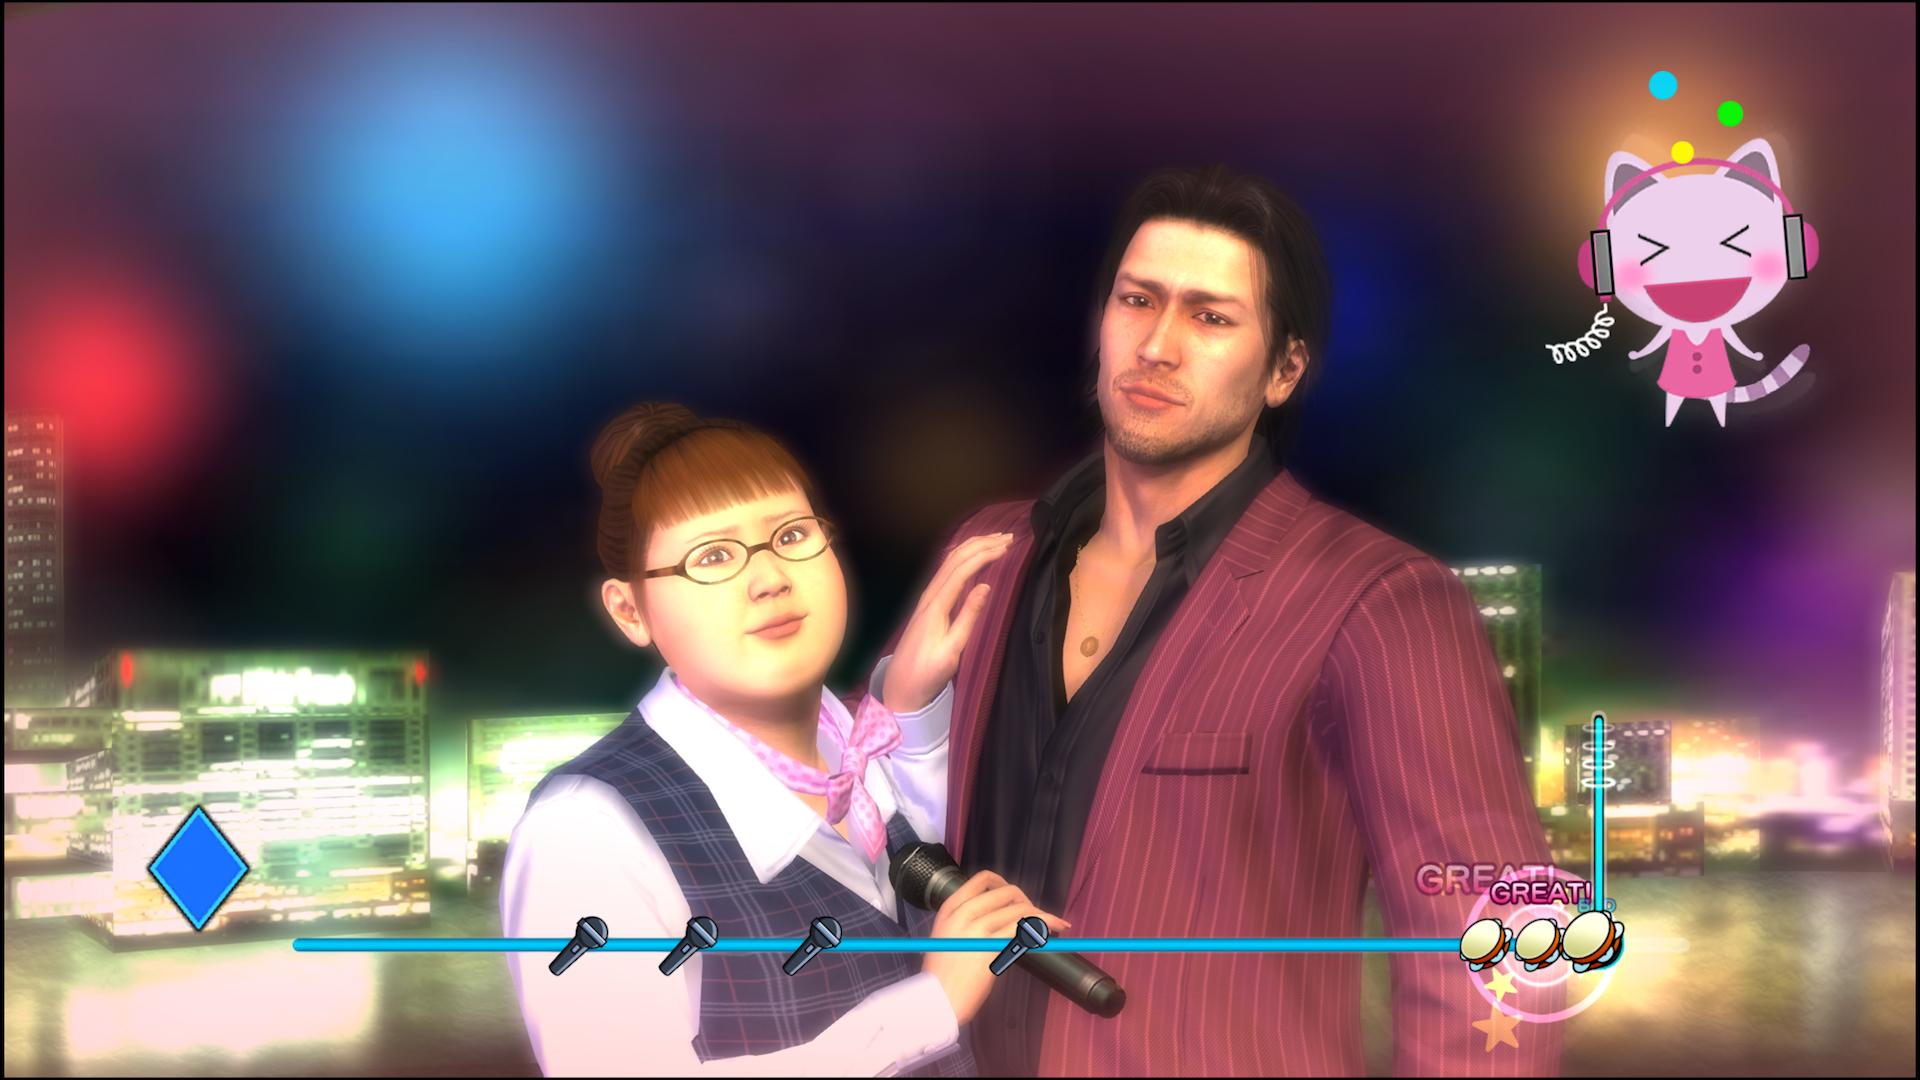 Akiyama and Hanna perform some karaoke together.